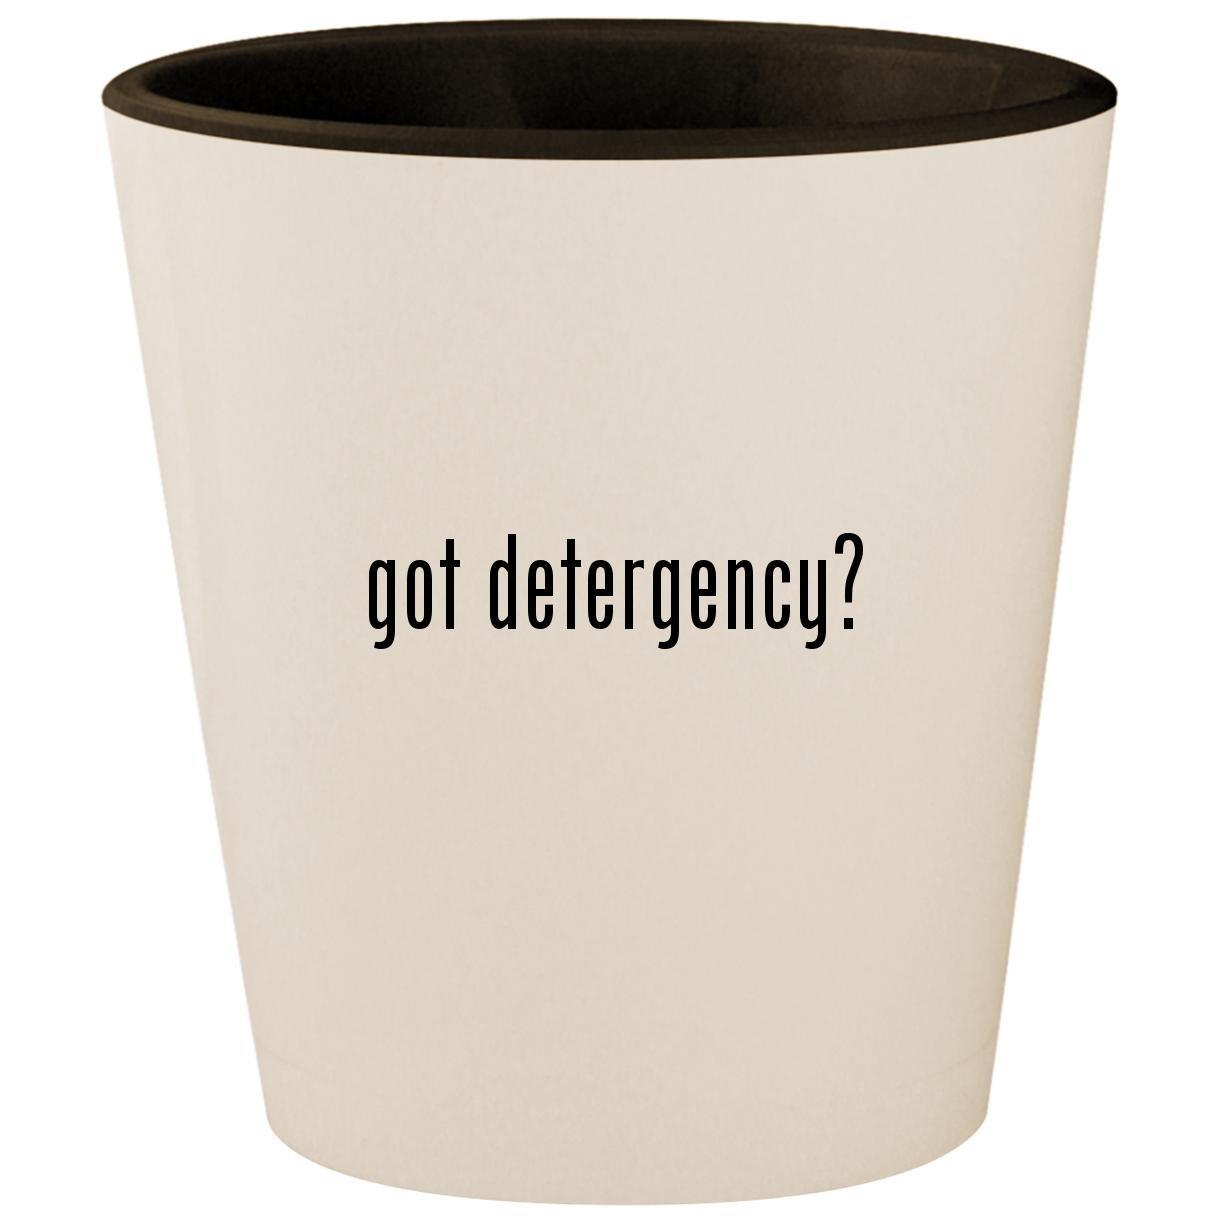 got detergency? - White Outer & Black Inner Ceramic 1.5oz Shot Glass